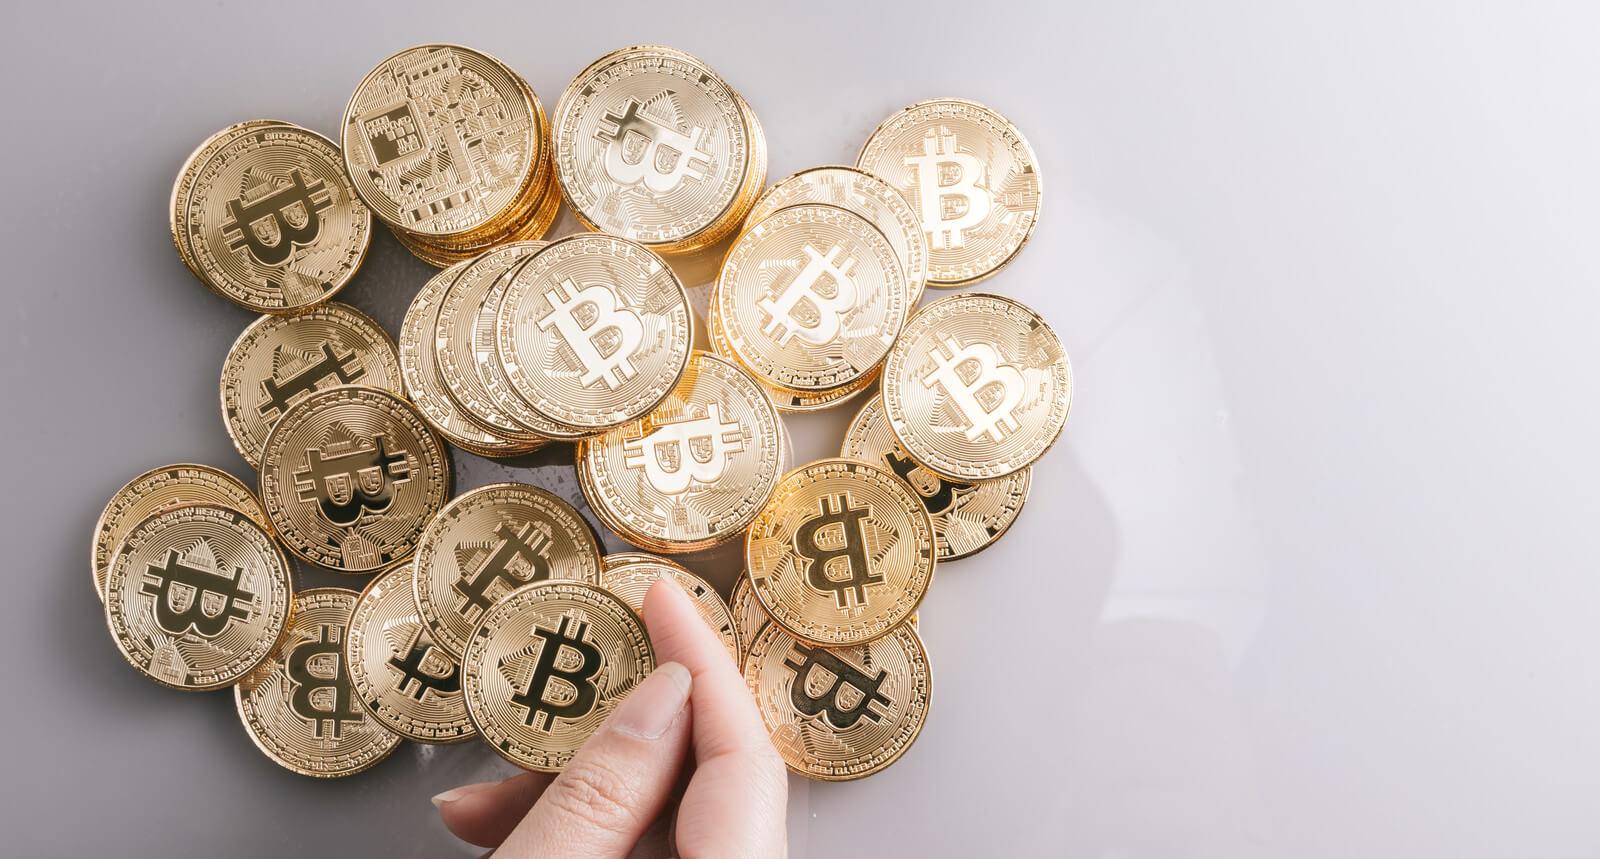 今からビットコインをやるべきか決めるたった一つの判断基準